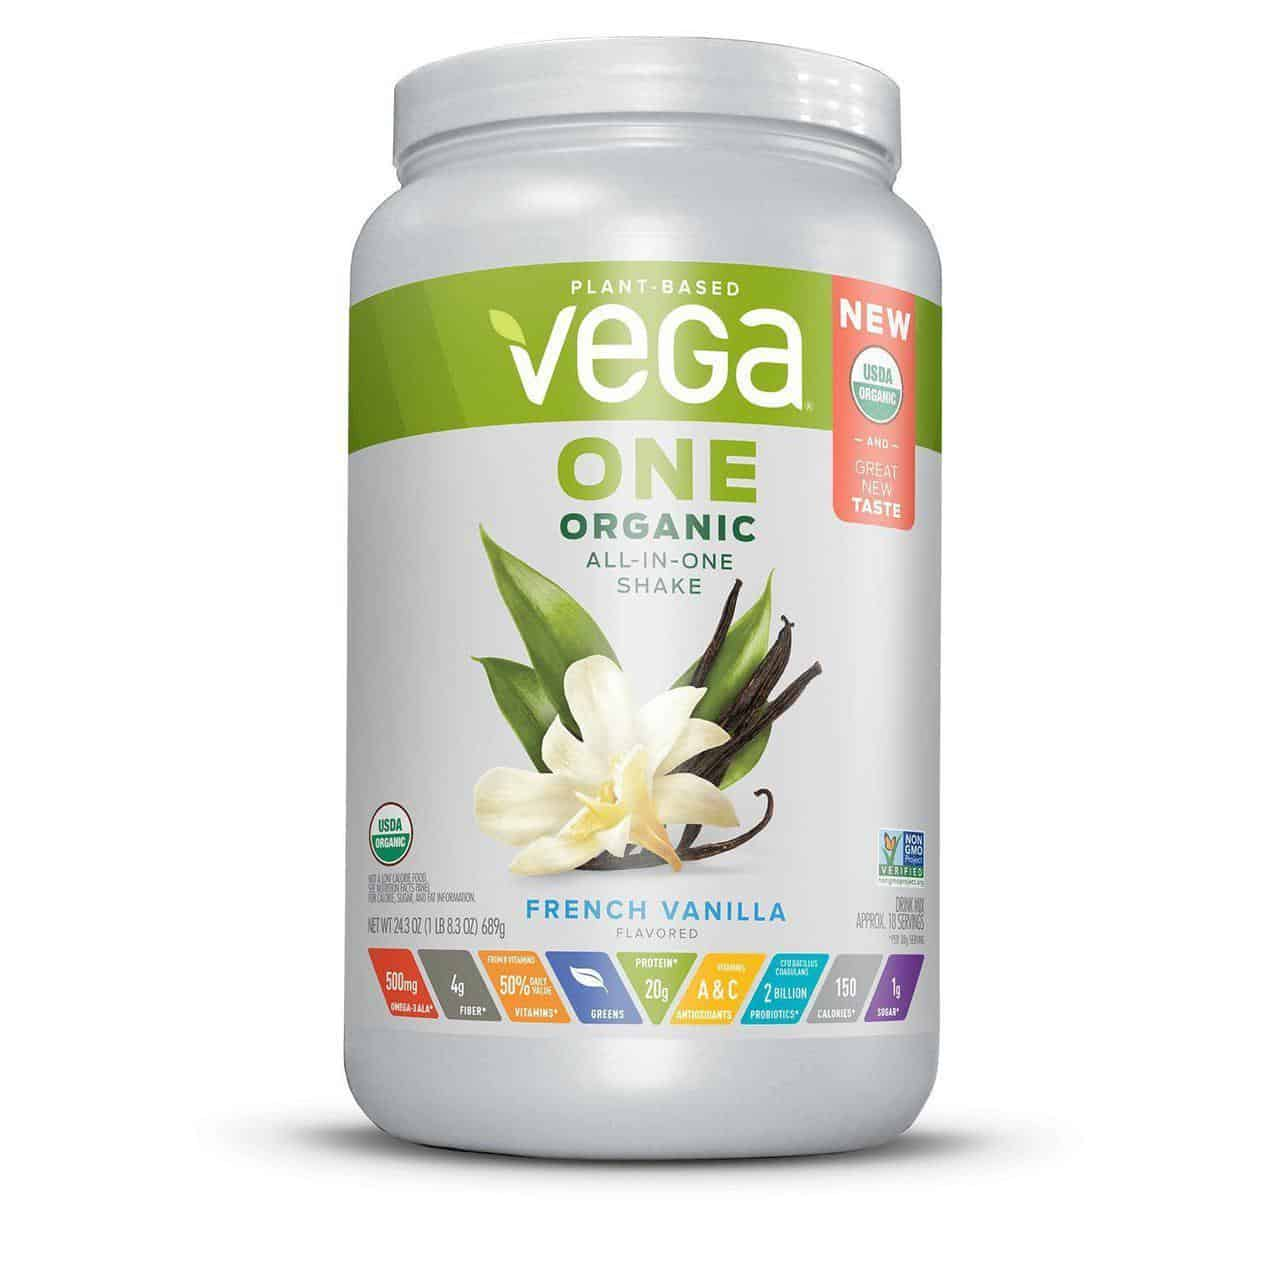 Vega One Organic All-in-One Shake | MyVega